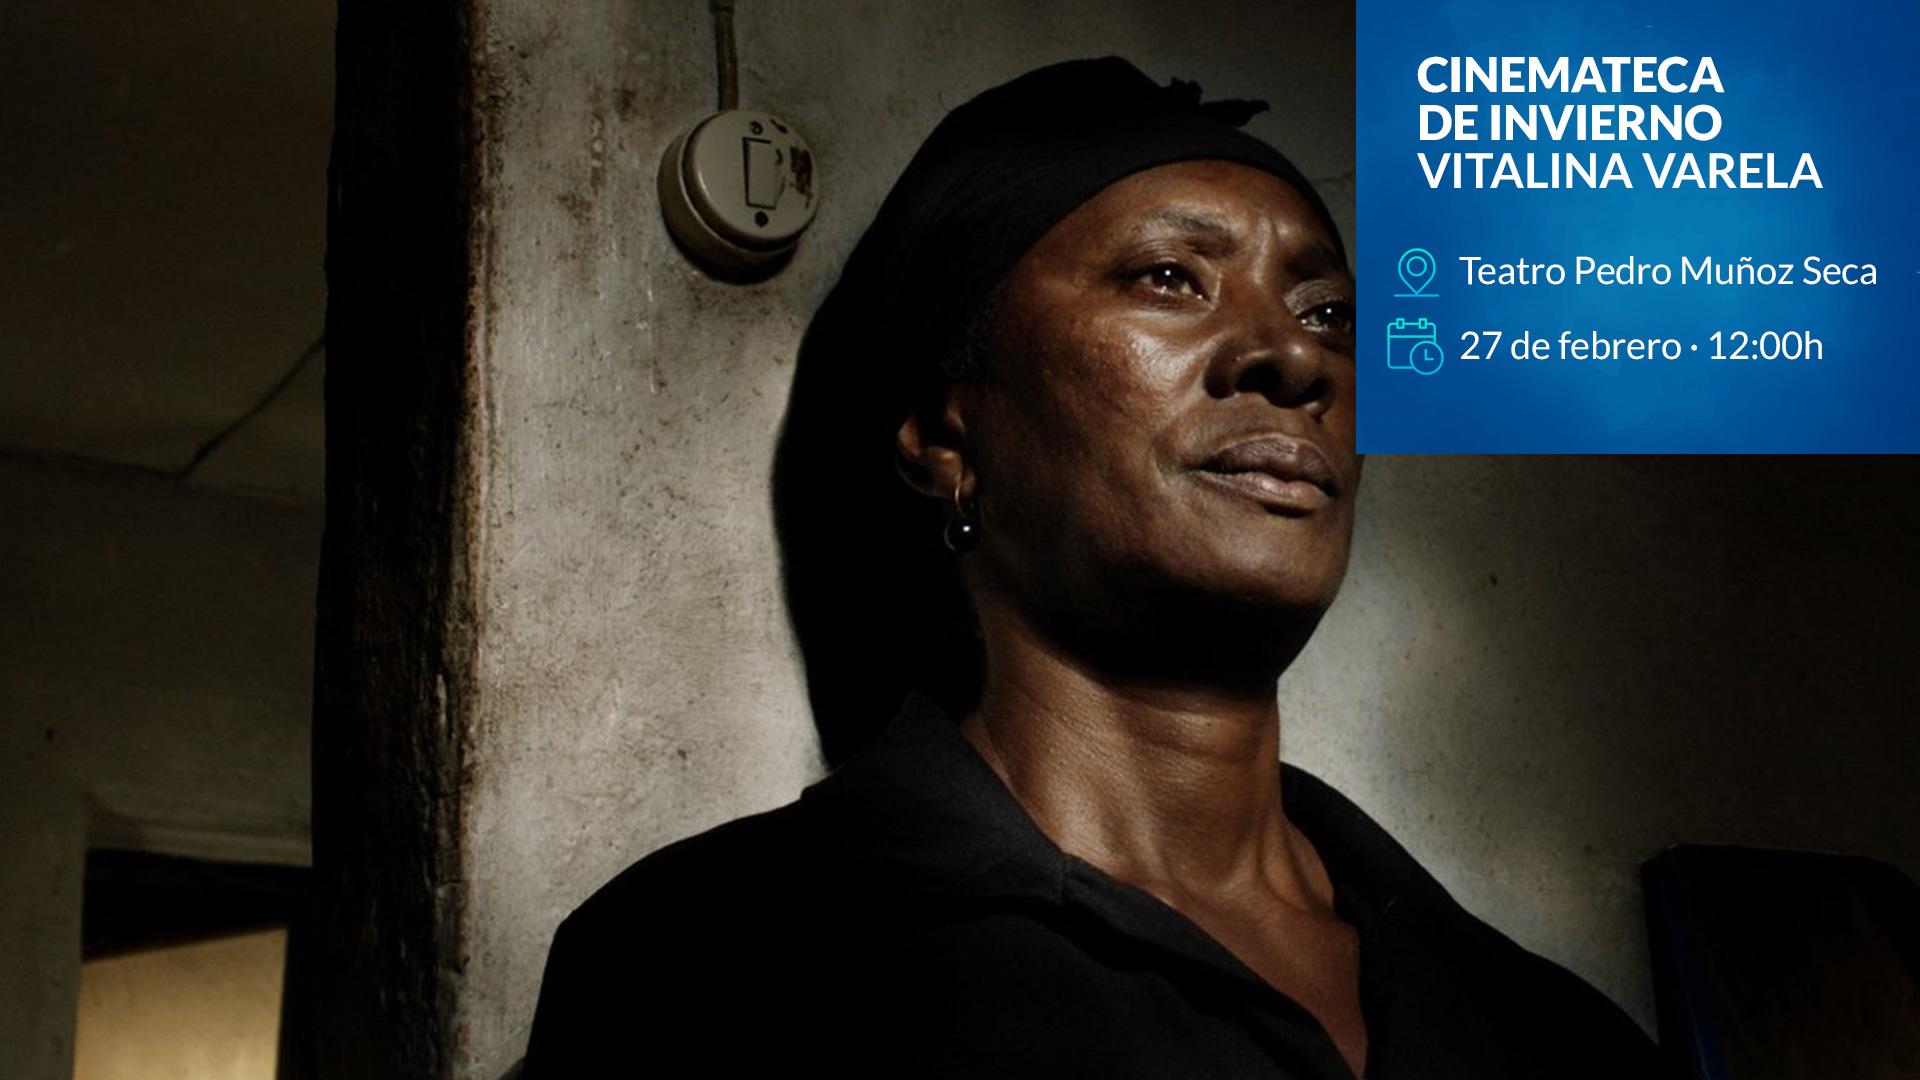 Cinemateca. Vitalina Varela